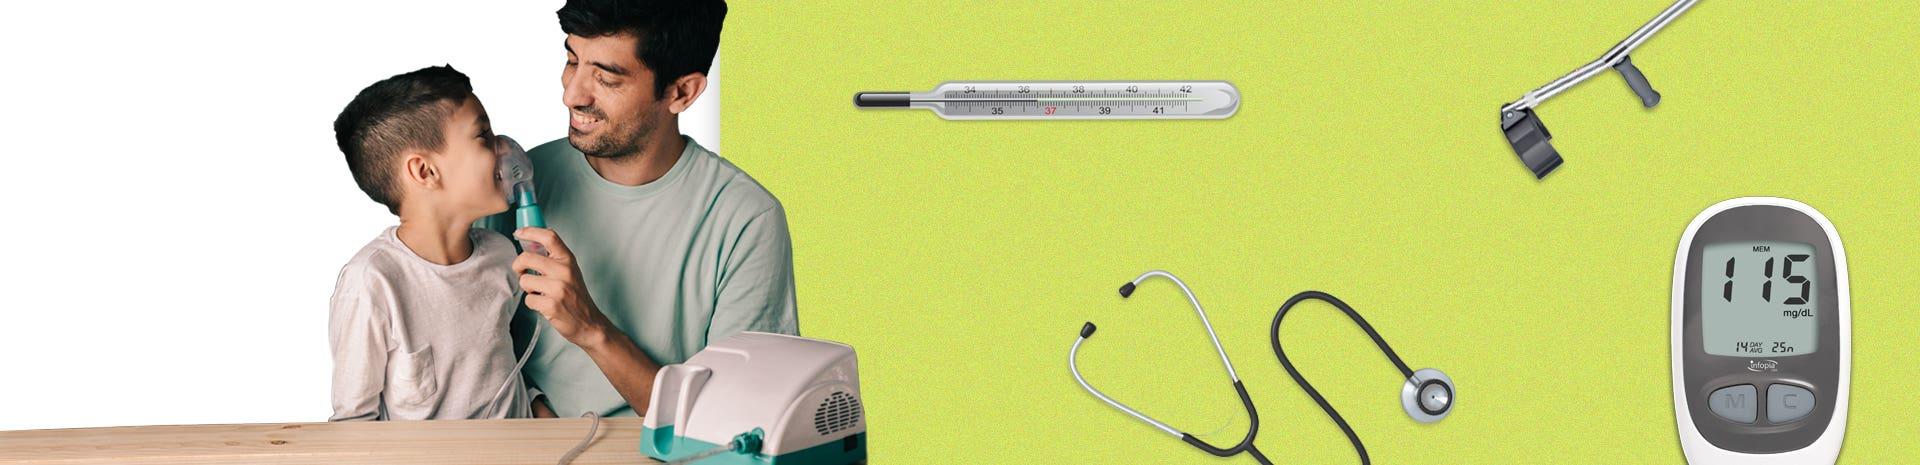 الأجهزة والمعدات الطبية